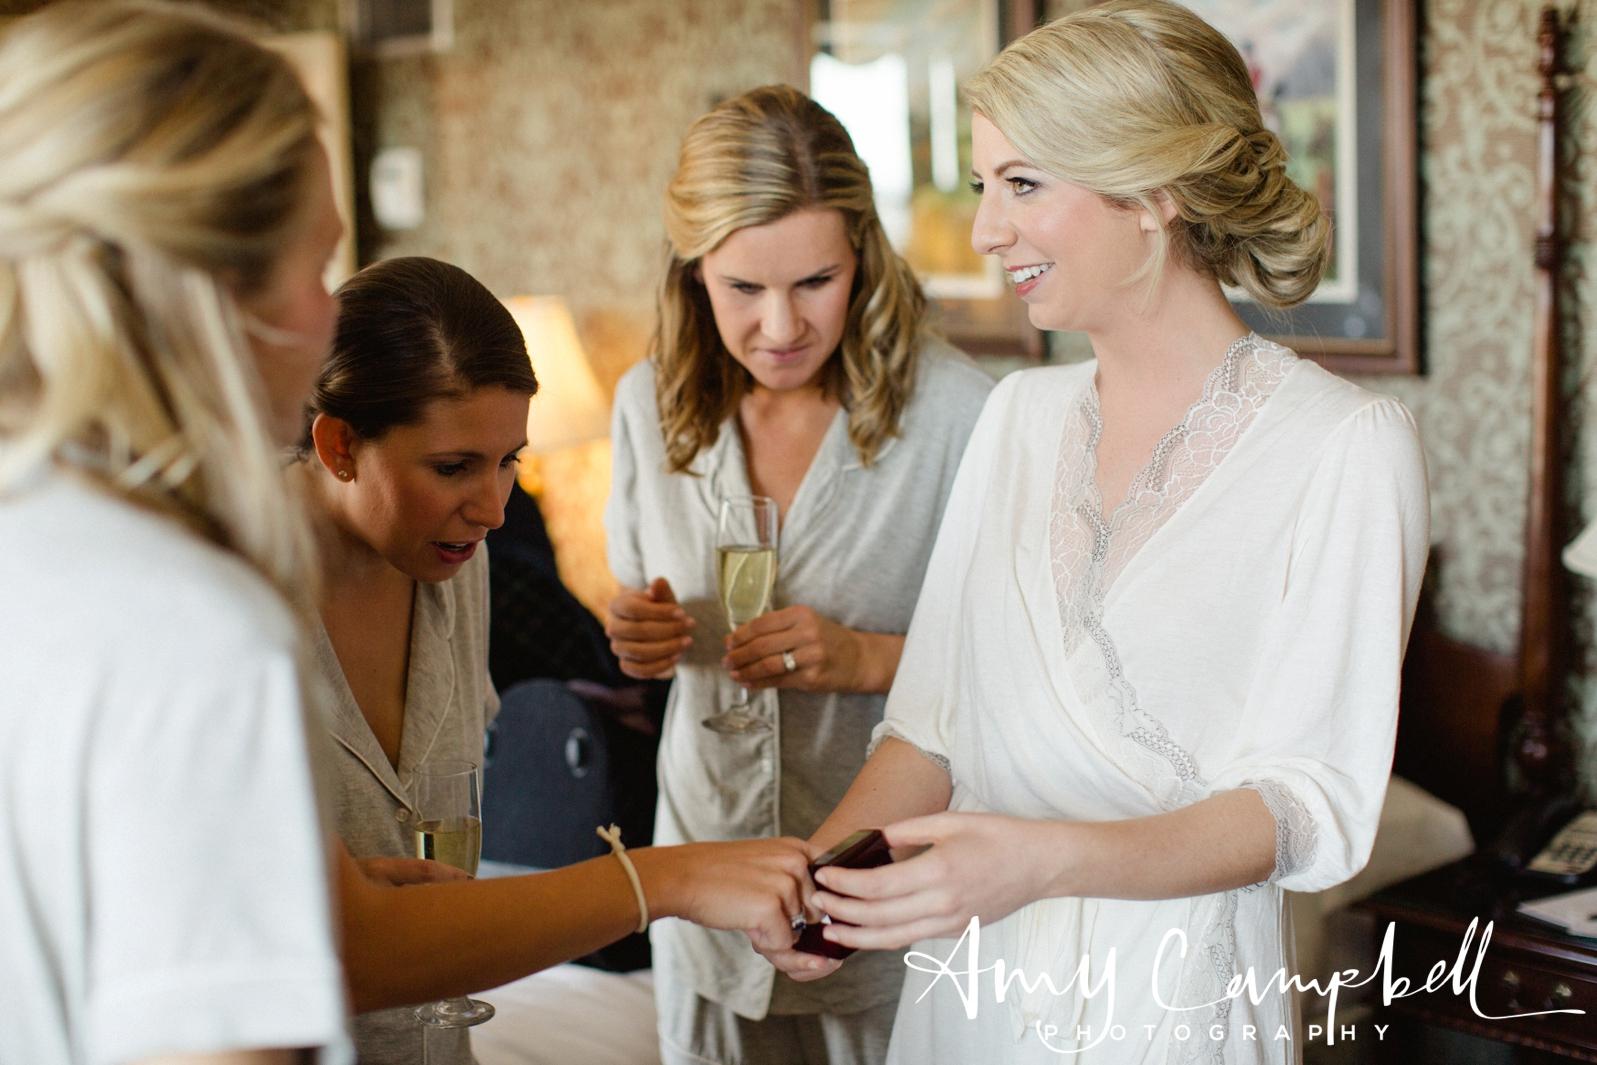 emmakyle_wedding_fb_amycampbellphotography_0005.jpg